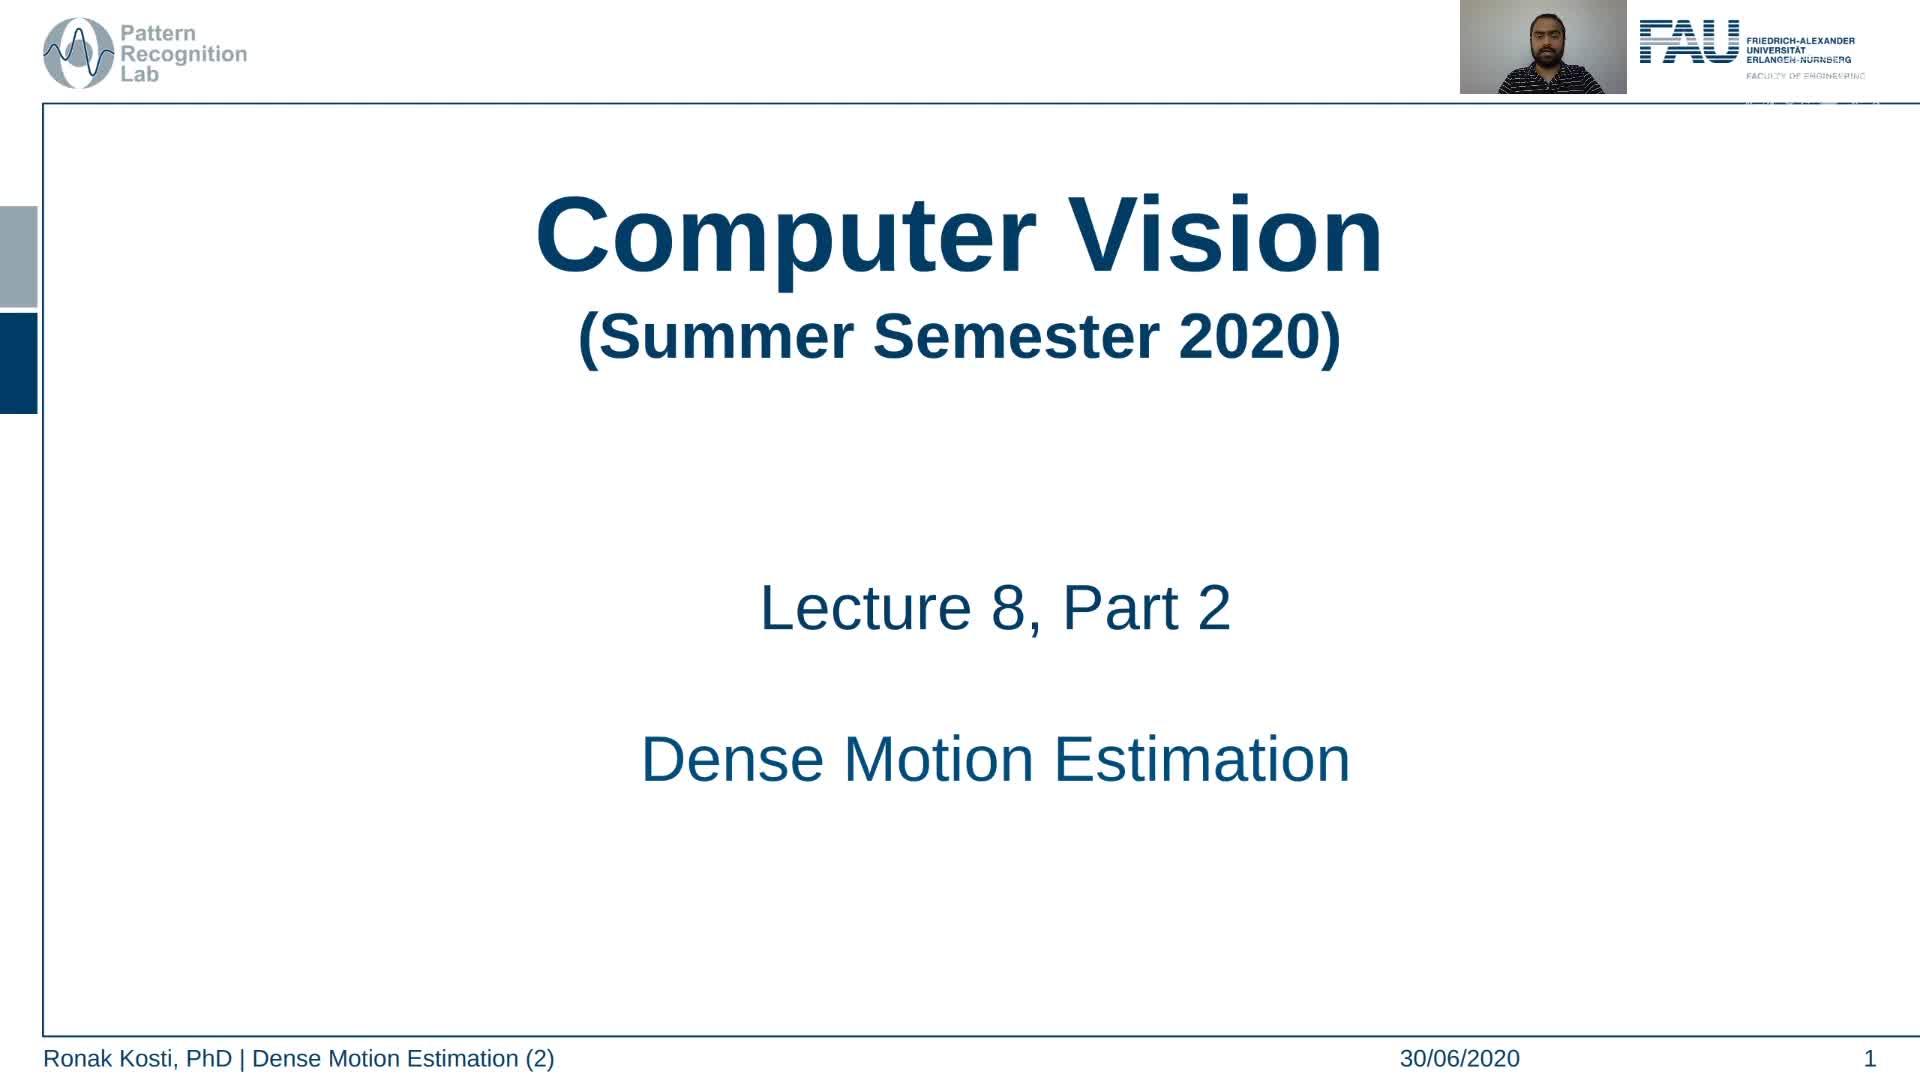 Dense Motion Estimation (Lecture 8, Part 2) preview image